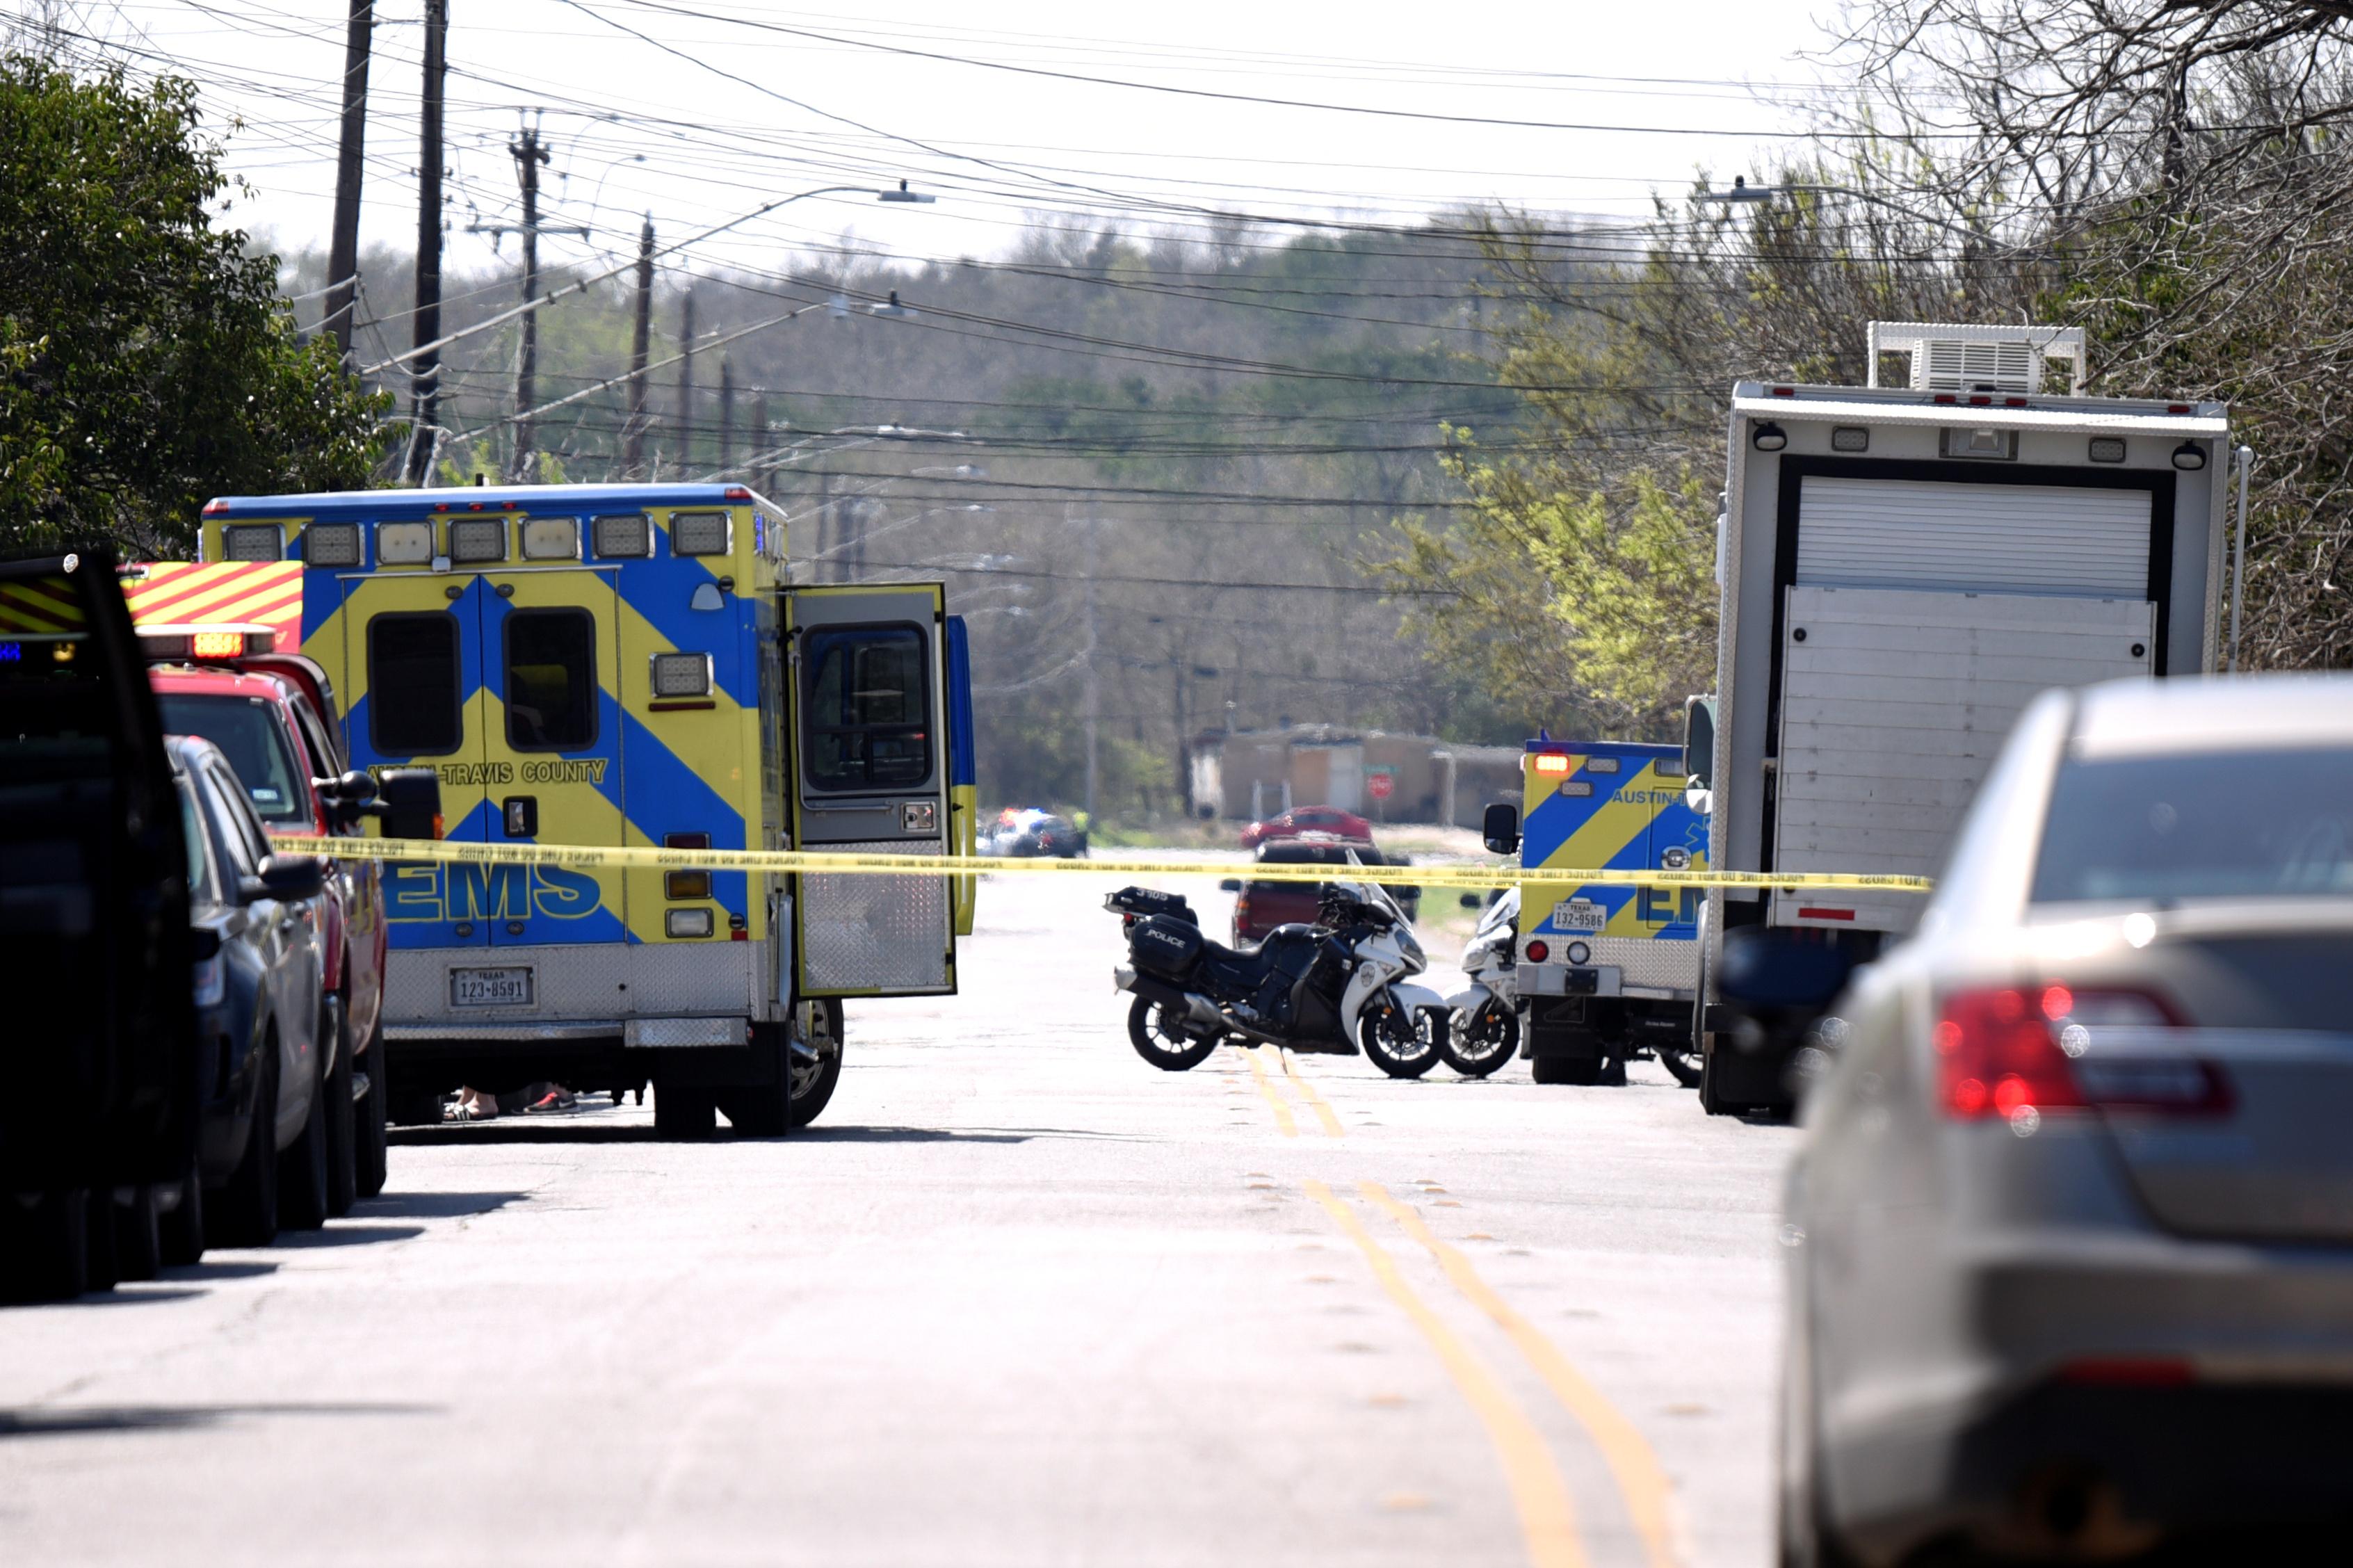 وصول الشرطة إلى الحادث